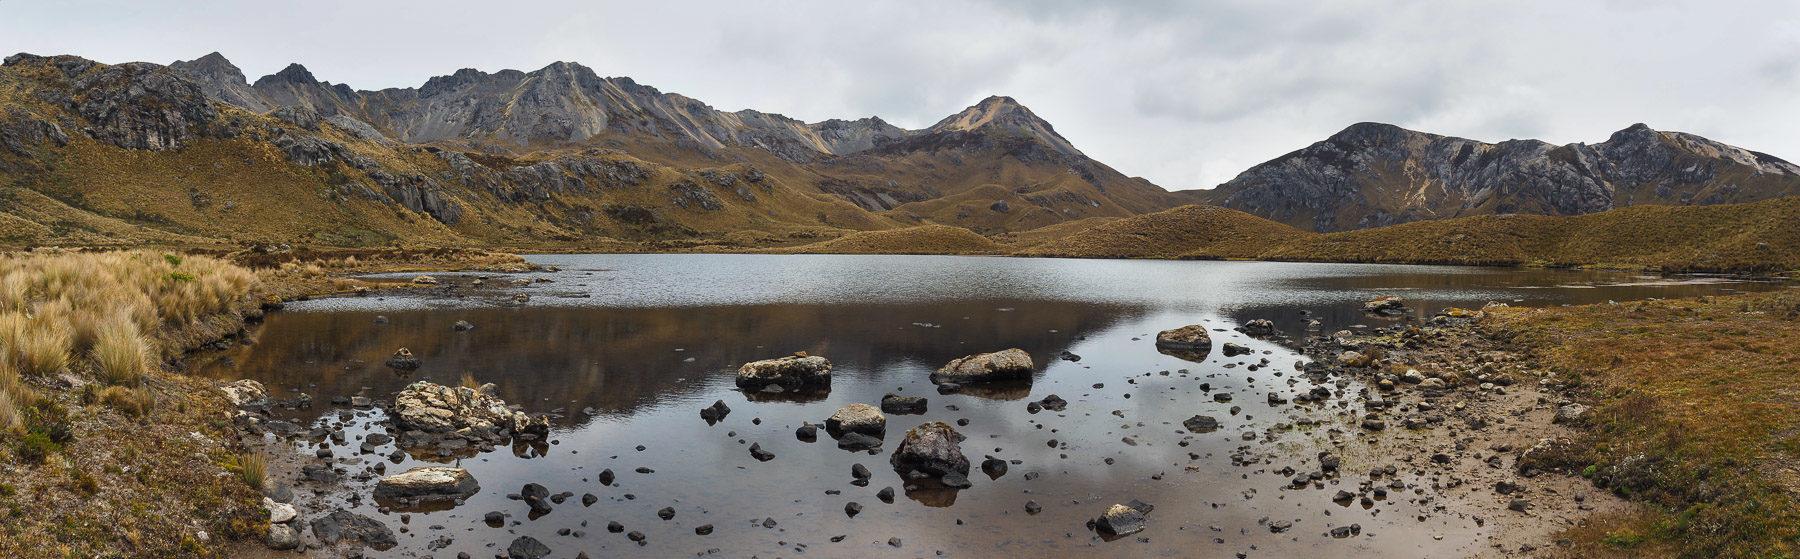 Viele kleine Seen in der Graslandschaft in Cajas